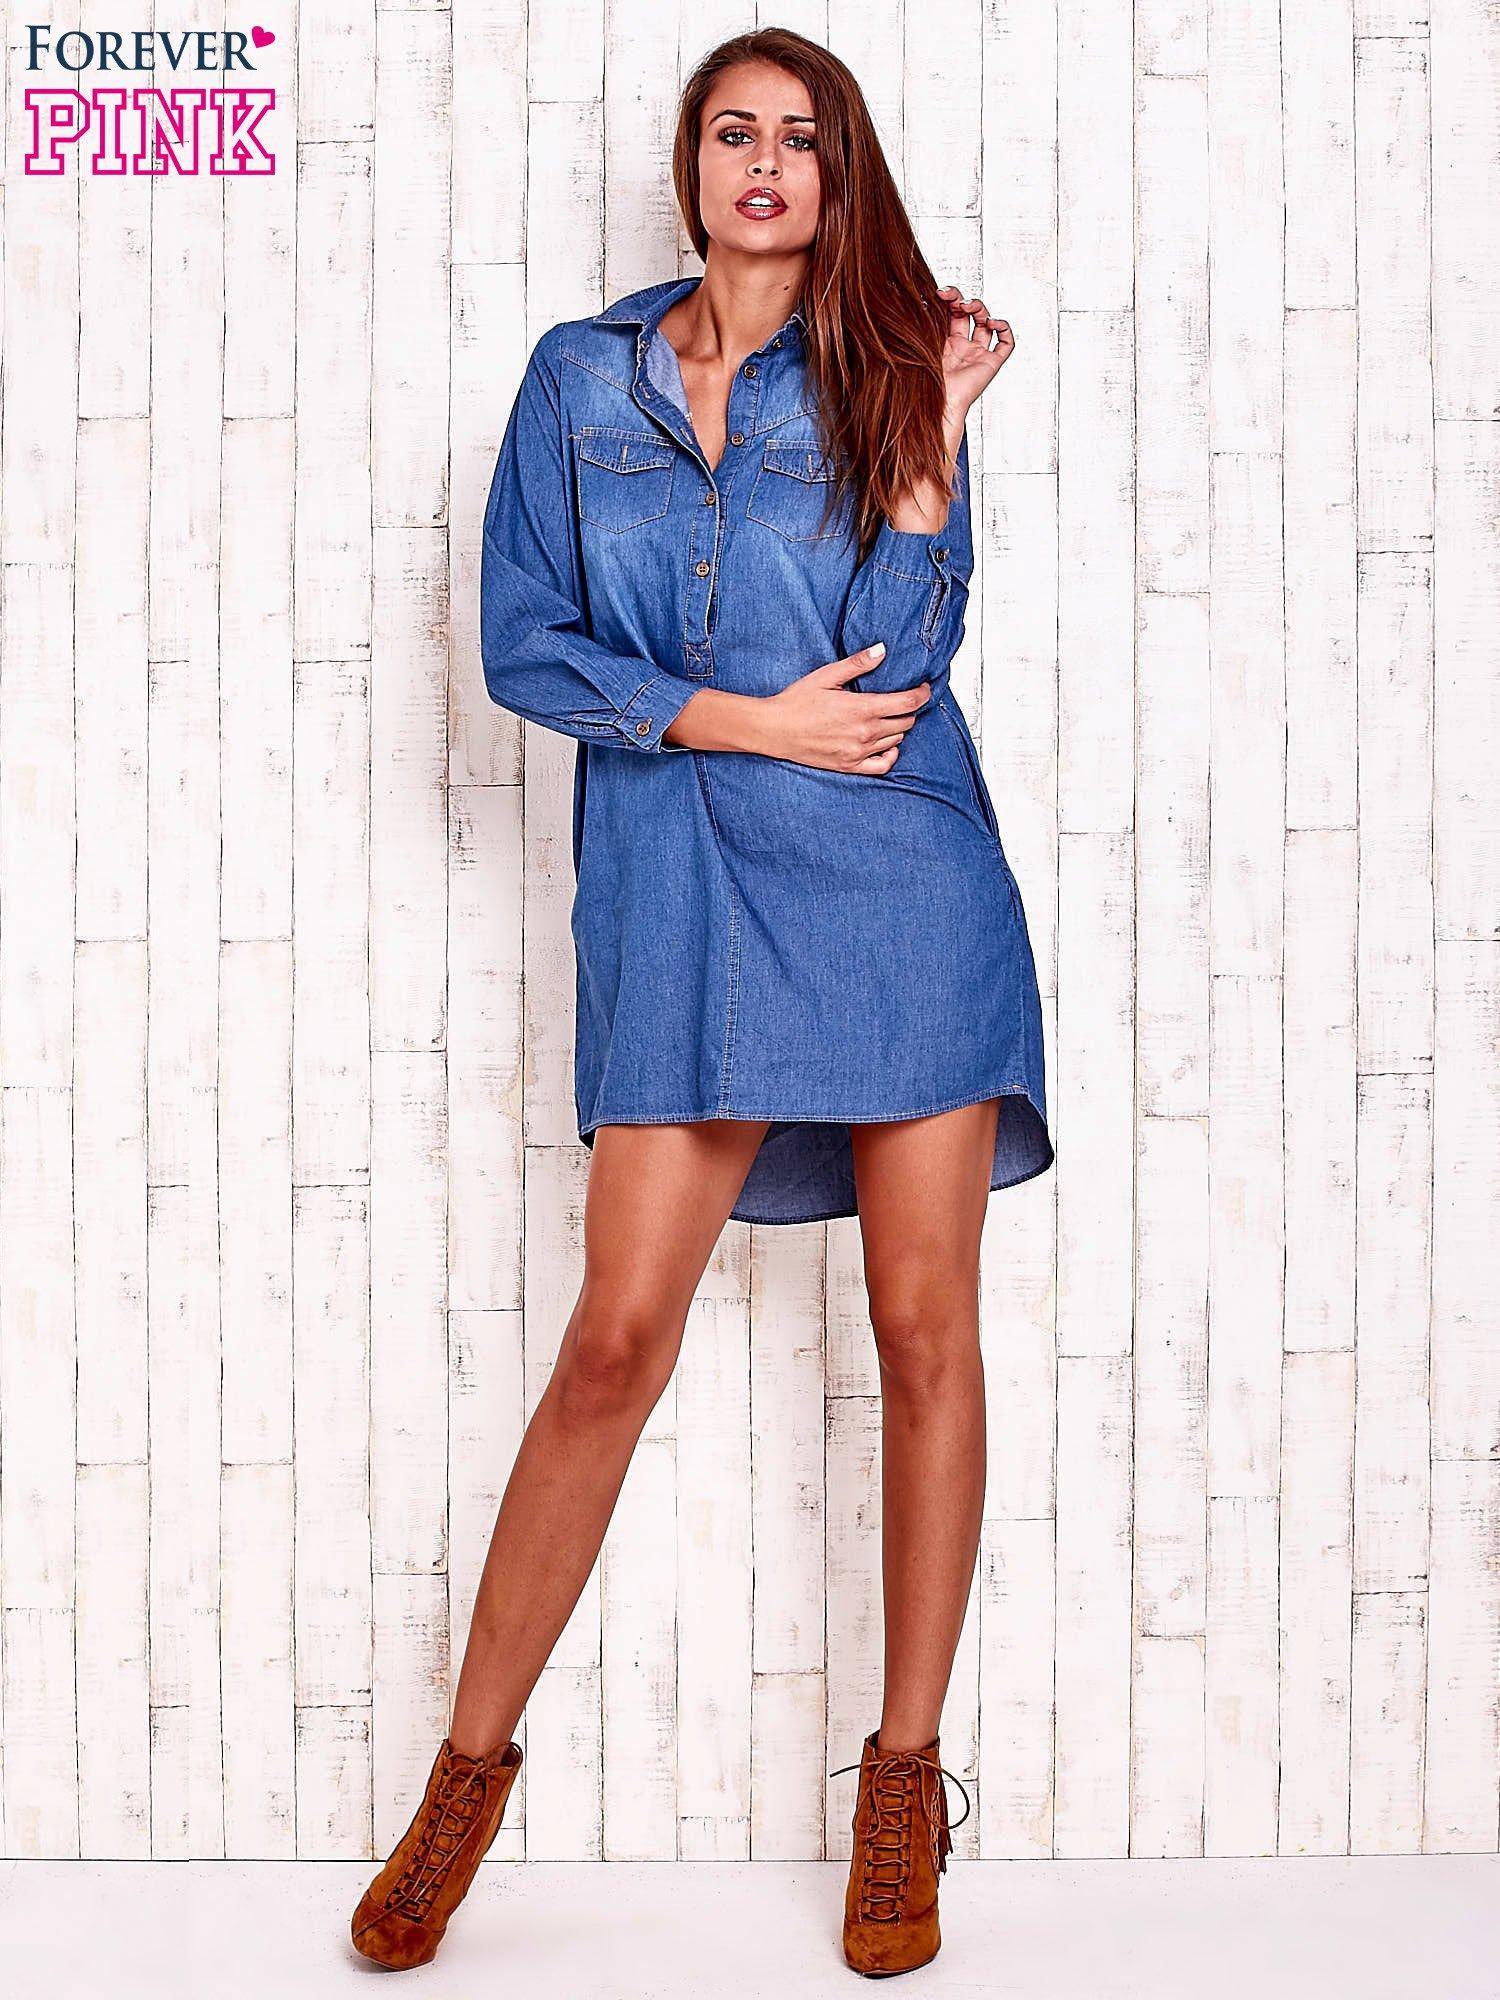 2c395f447a73be Niebieska jeansowa sukienka koszula z dłuższym tyłem - Koszula jeansowa -  sklep eButik.pl